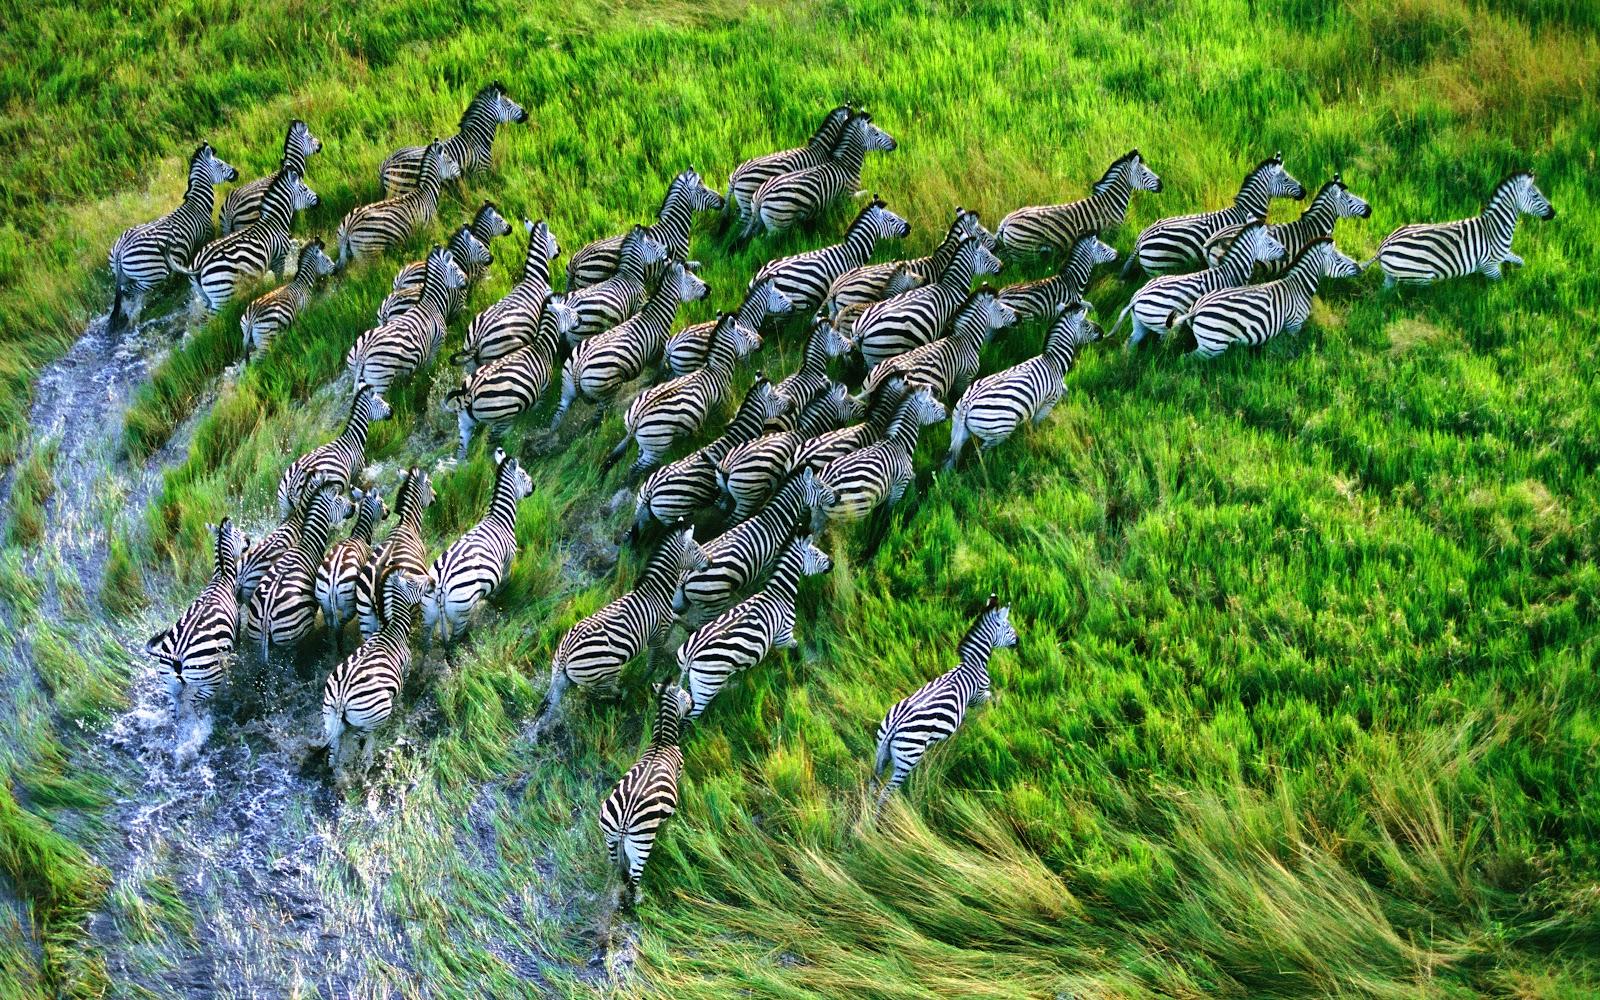 http://3.bp.blogspot.com/-bZy_c8eC_HA/T-D8ZkCm6RI/AAAAAAAABJY/Zrcy5w4Nmpw/s1600/Zebras.jpg